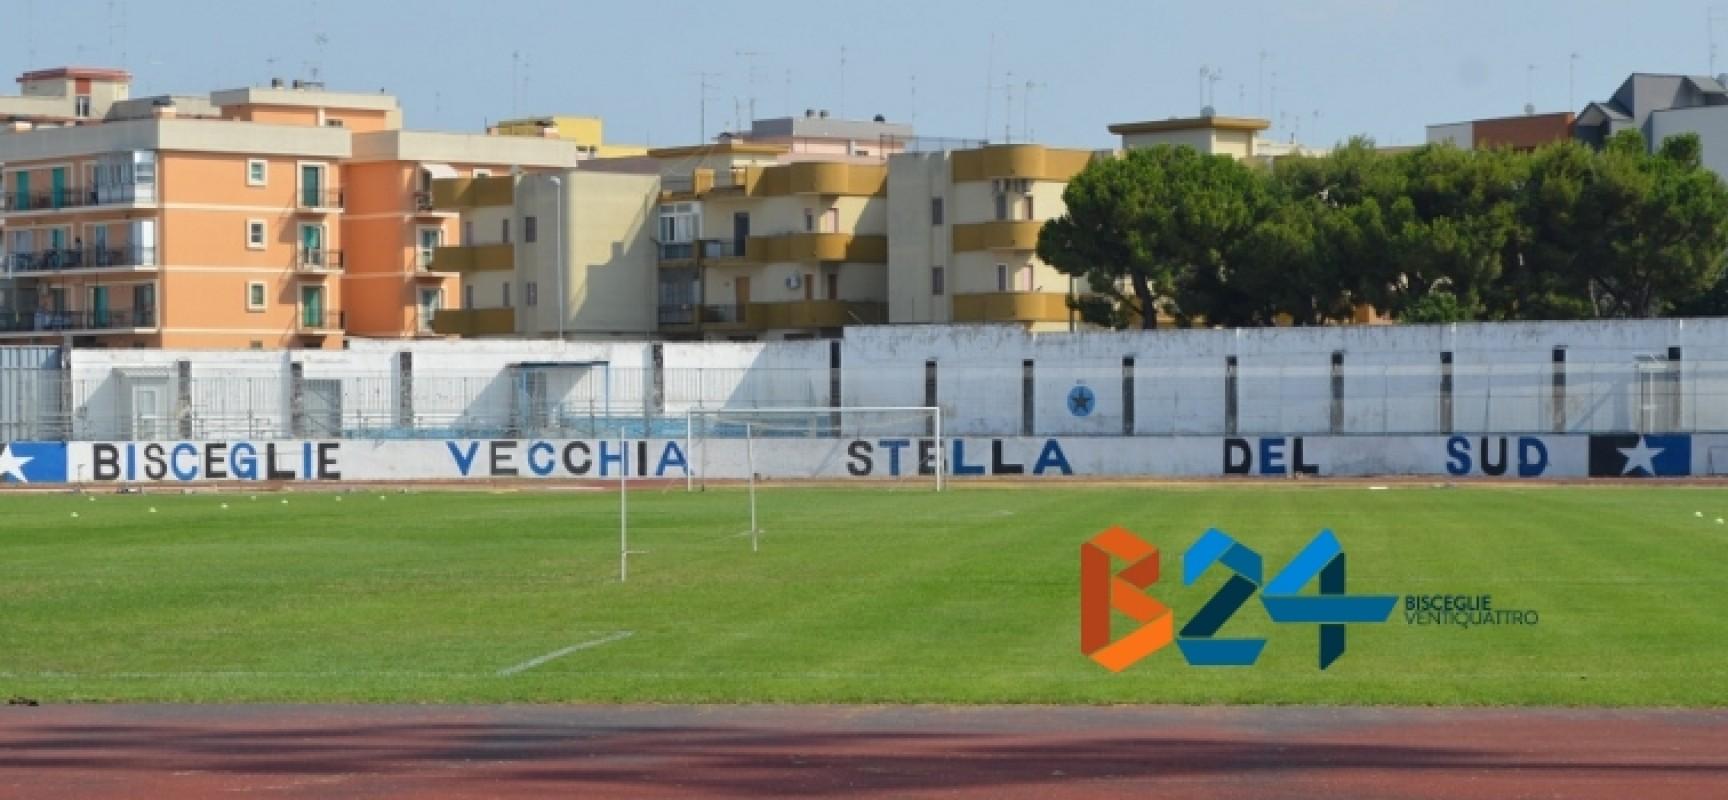 """Bisceglie Calcio, per l'esordio casalingo al """"Ventura"""" arriva il Madre Pietra Daunia"""